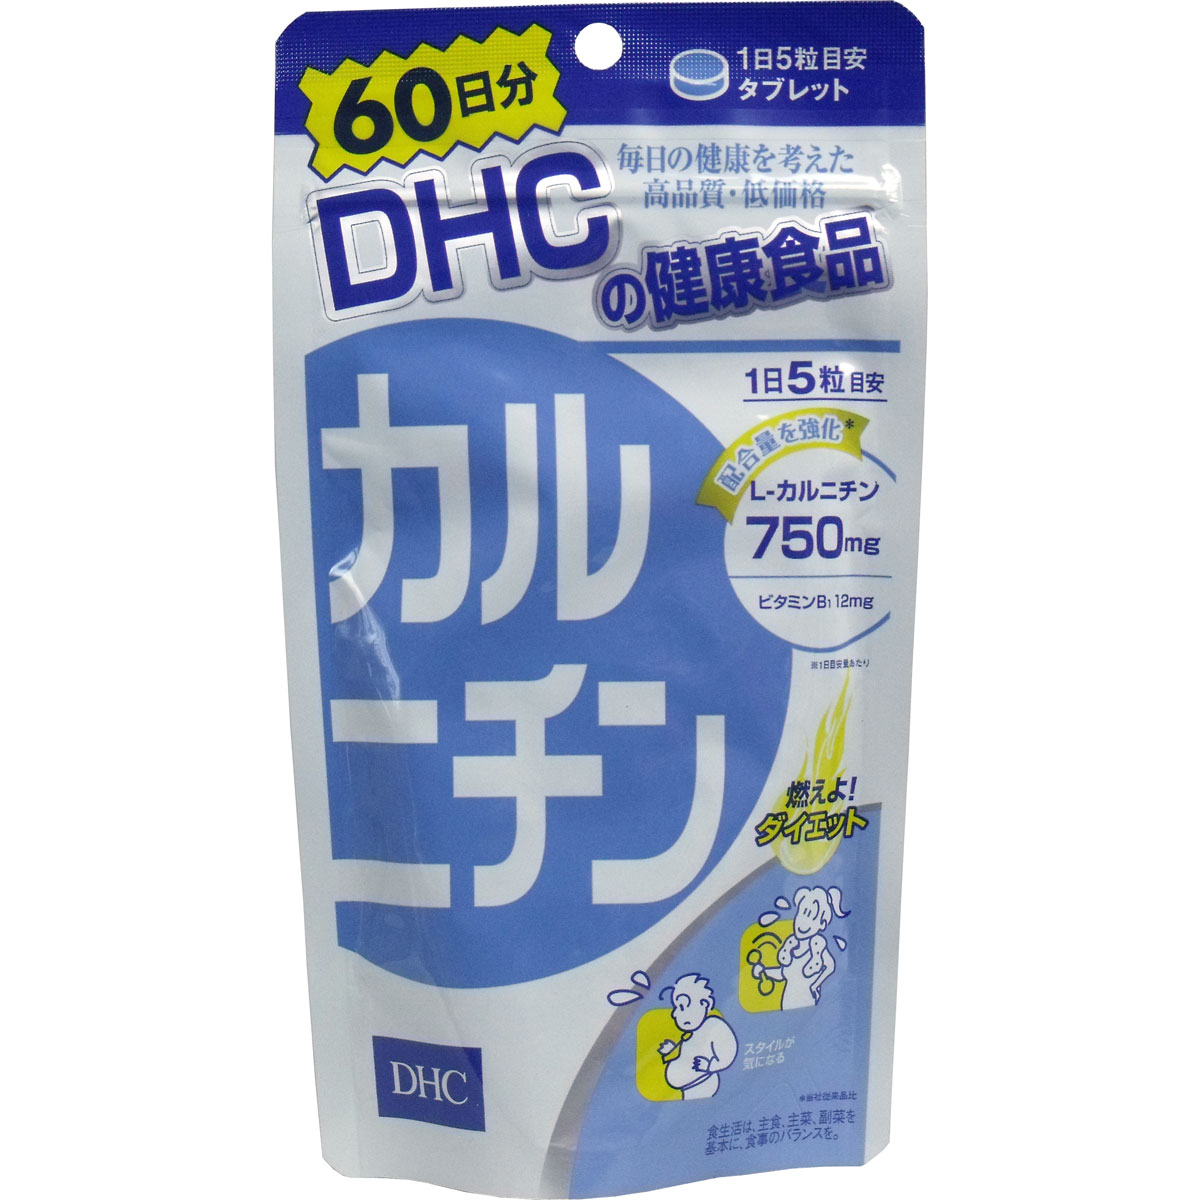 DHC 營養補給品 均衡元素(左旋肉鹼) 60日份(300粒)